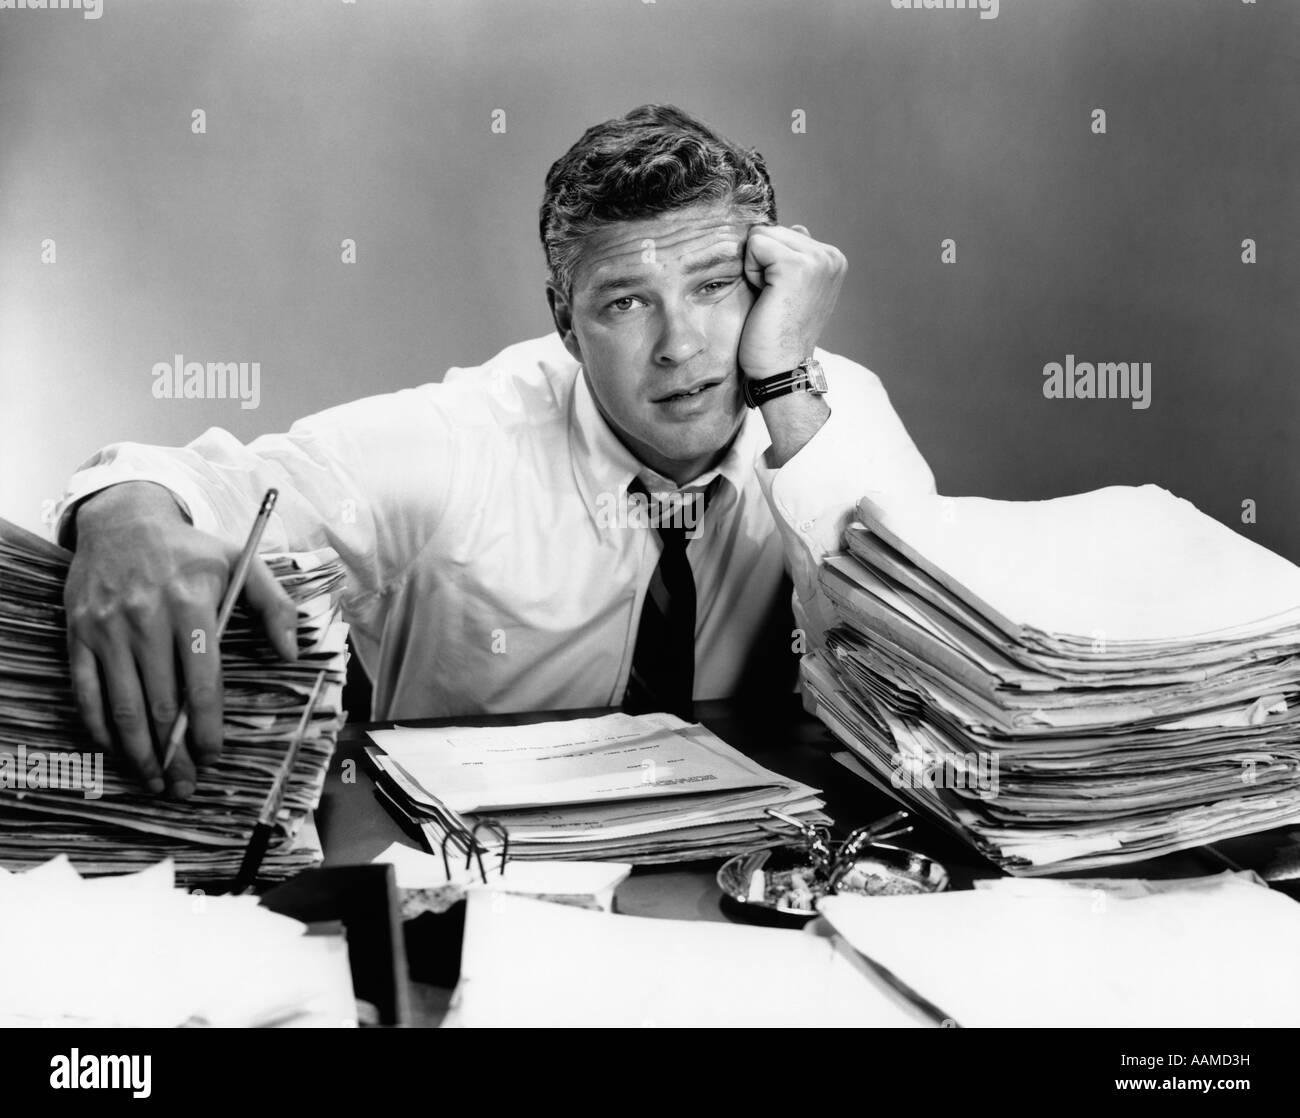 Anni Cinquanta ritratto uomo oberati di lavoro con scrivania piena di carte Immagini Stock